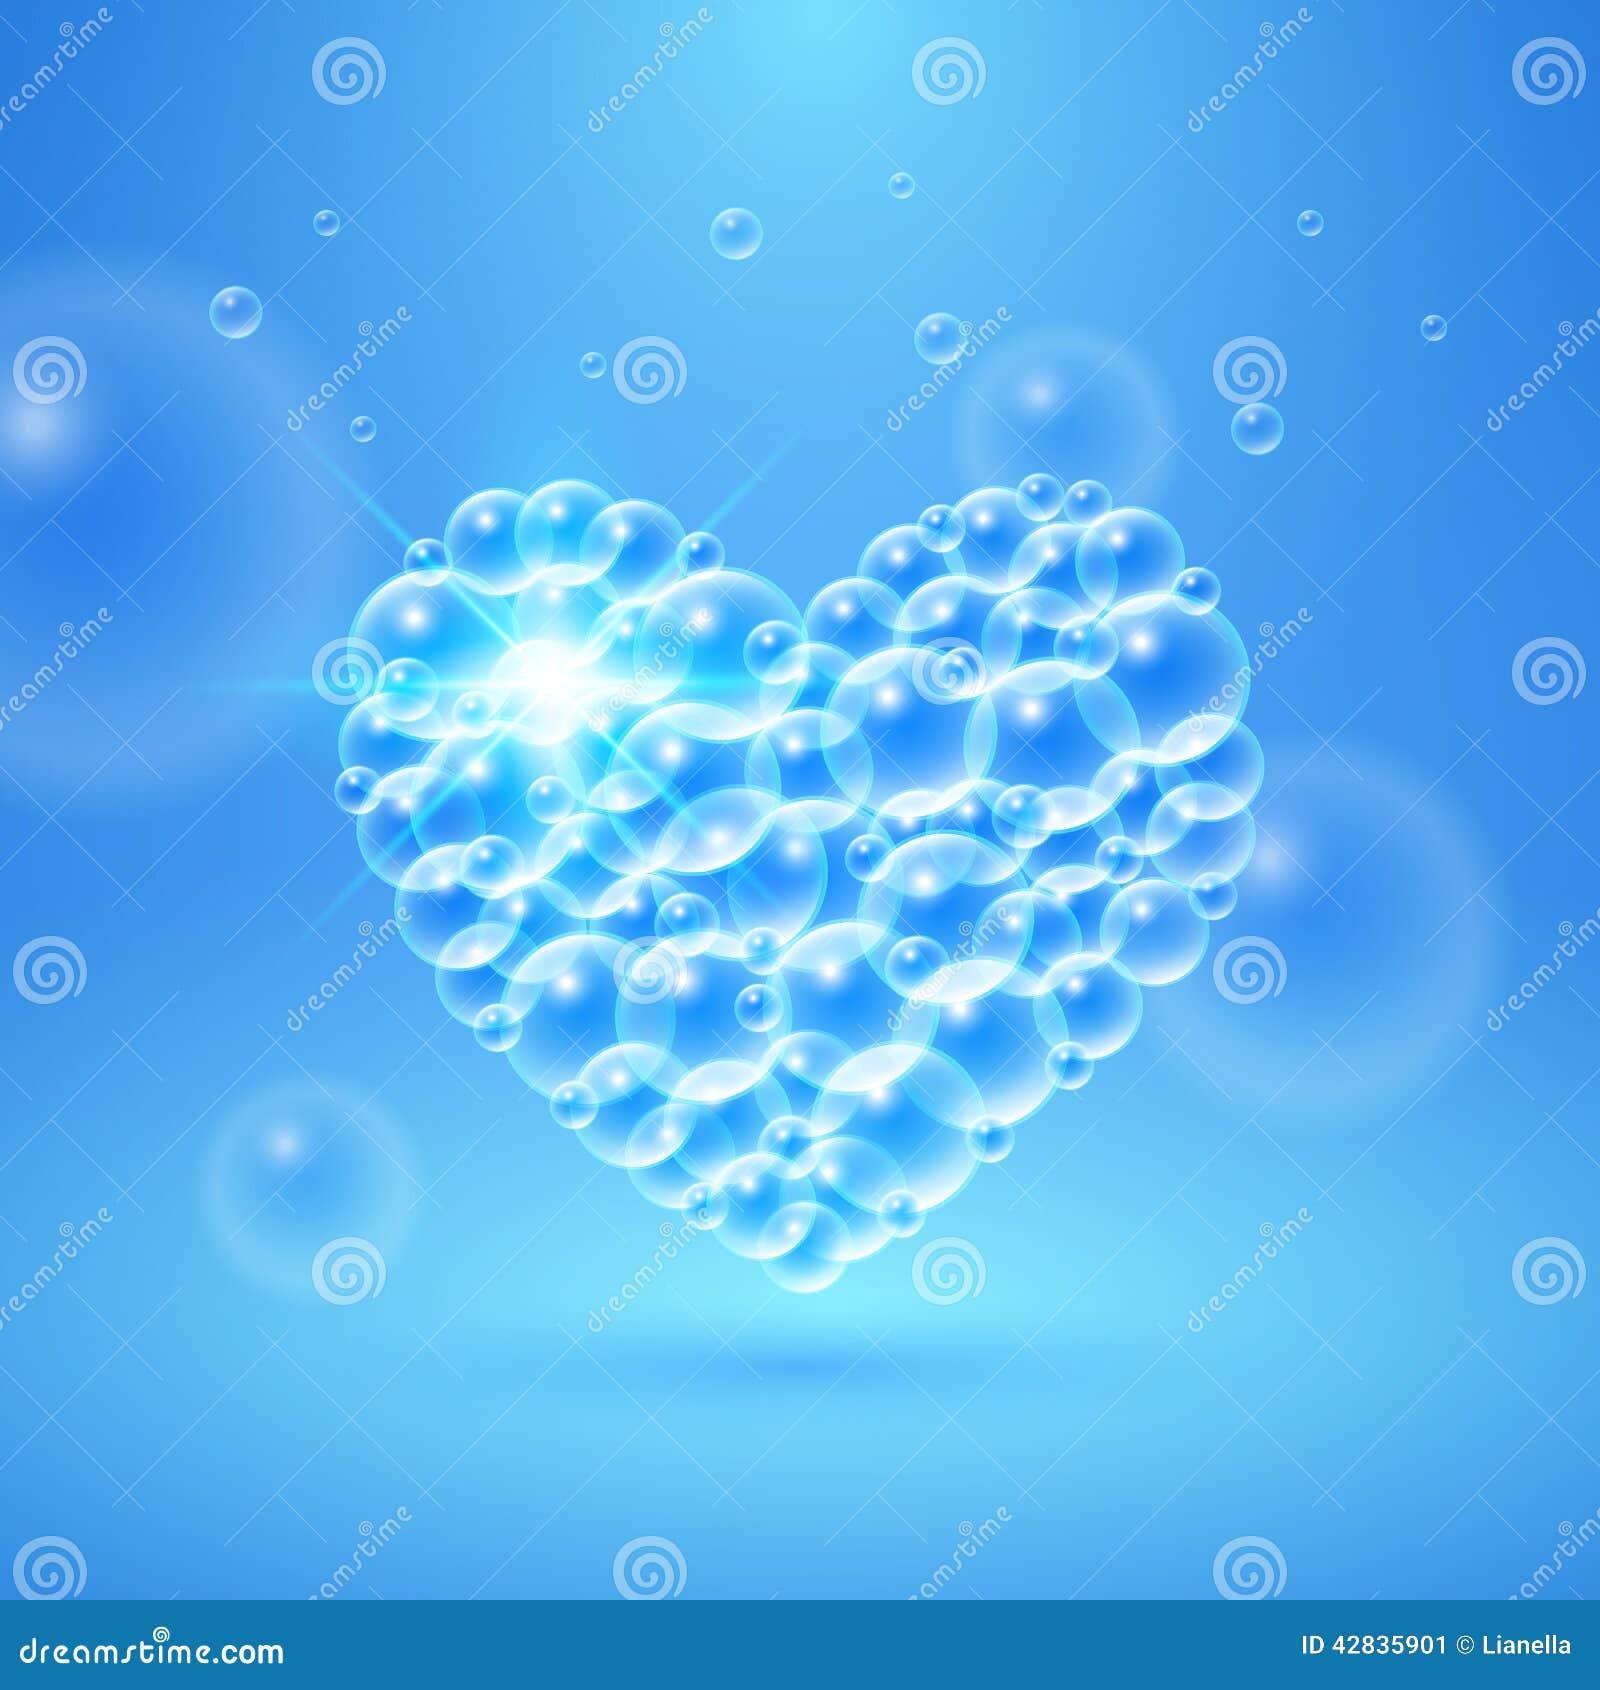 Shiny Heart Of Bubbles Stock Vector - Image: 42835901